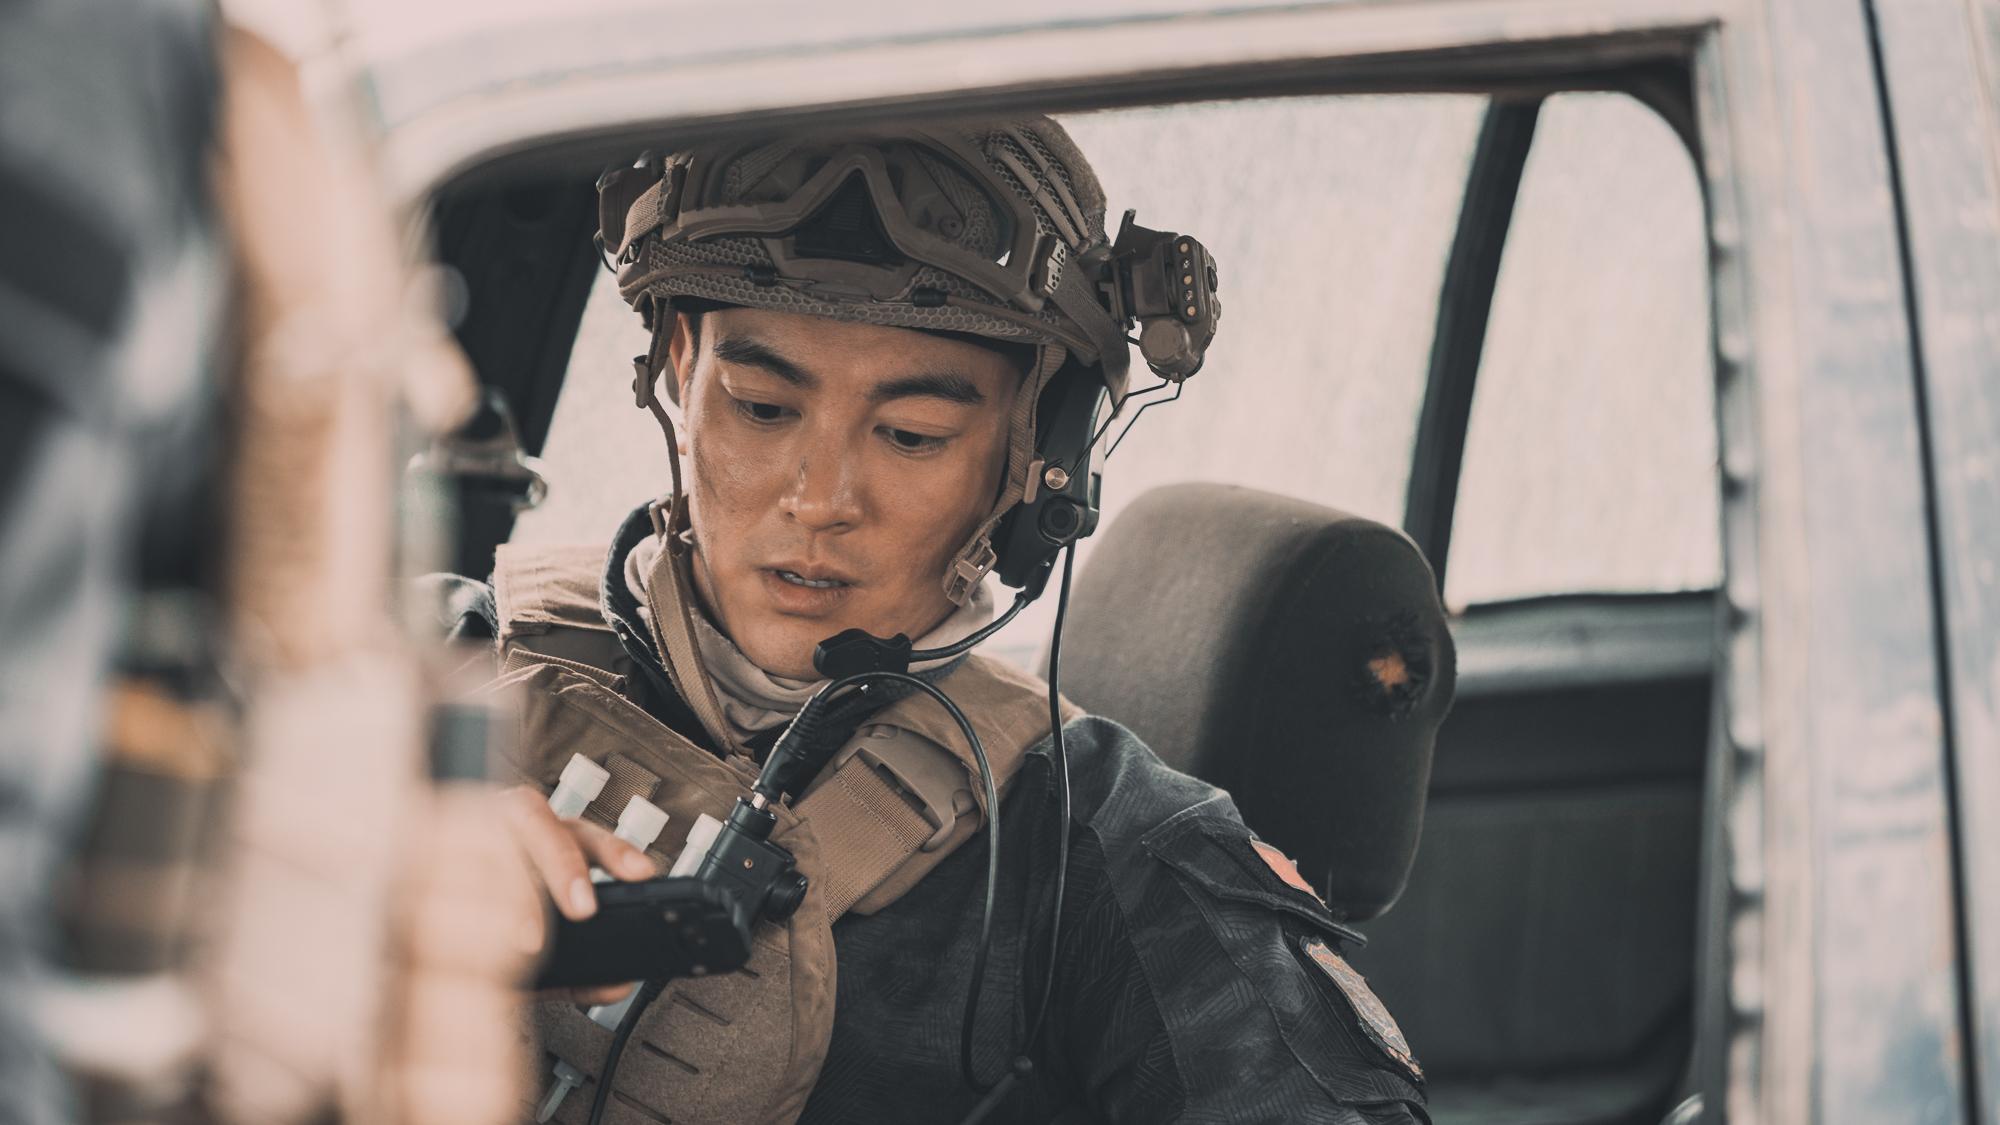 Cố Hải Hoàng Cảnh Du tái xuất uy dũng trong trailer Điệp Vụ Biển Đỏ - Ảnh 7.